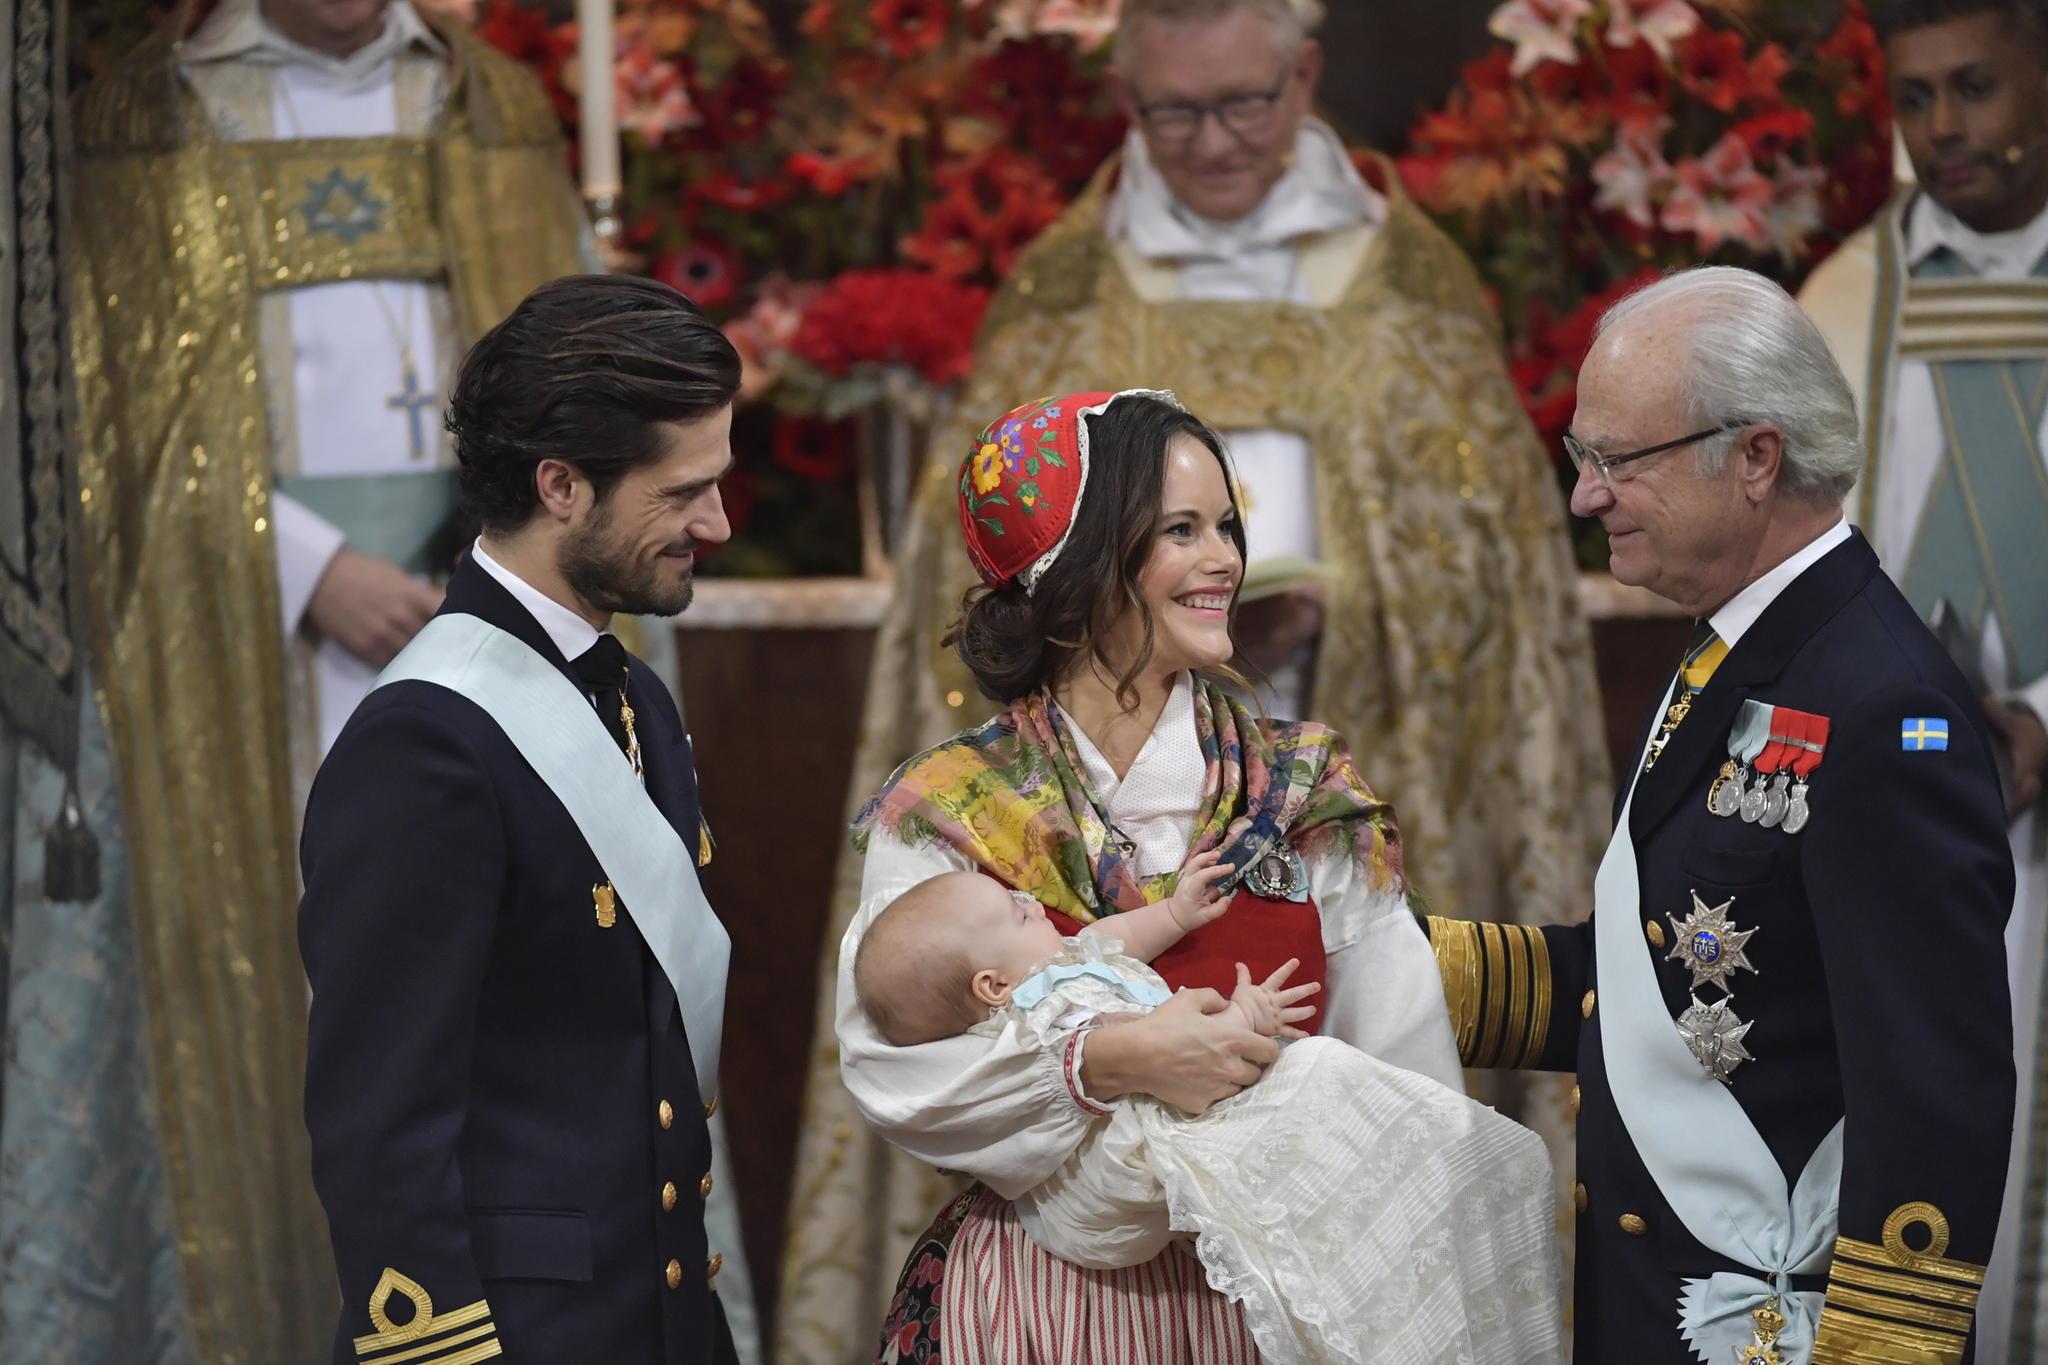 Der letzte royale Spross, der die Taufrobe trägt, ist Prinz Gabriel am 1. Dezember 2017. Seither befindet sich auch sein Name auf dem Überwurf, der seit 1935 zu dem Kleidchen gehört.